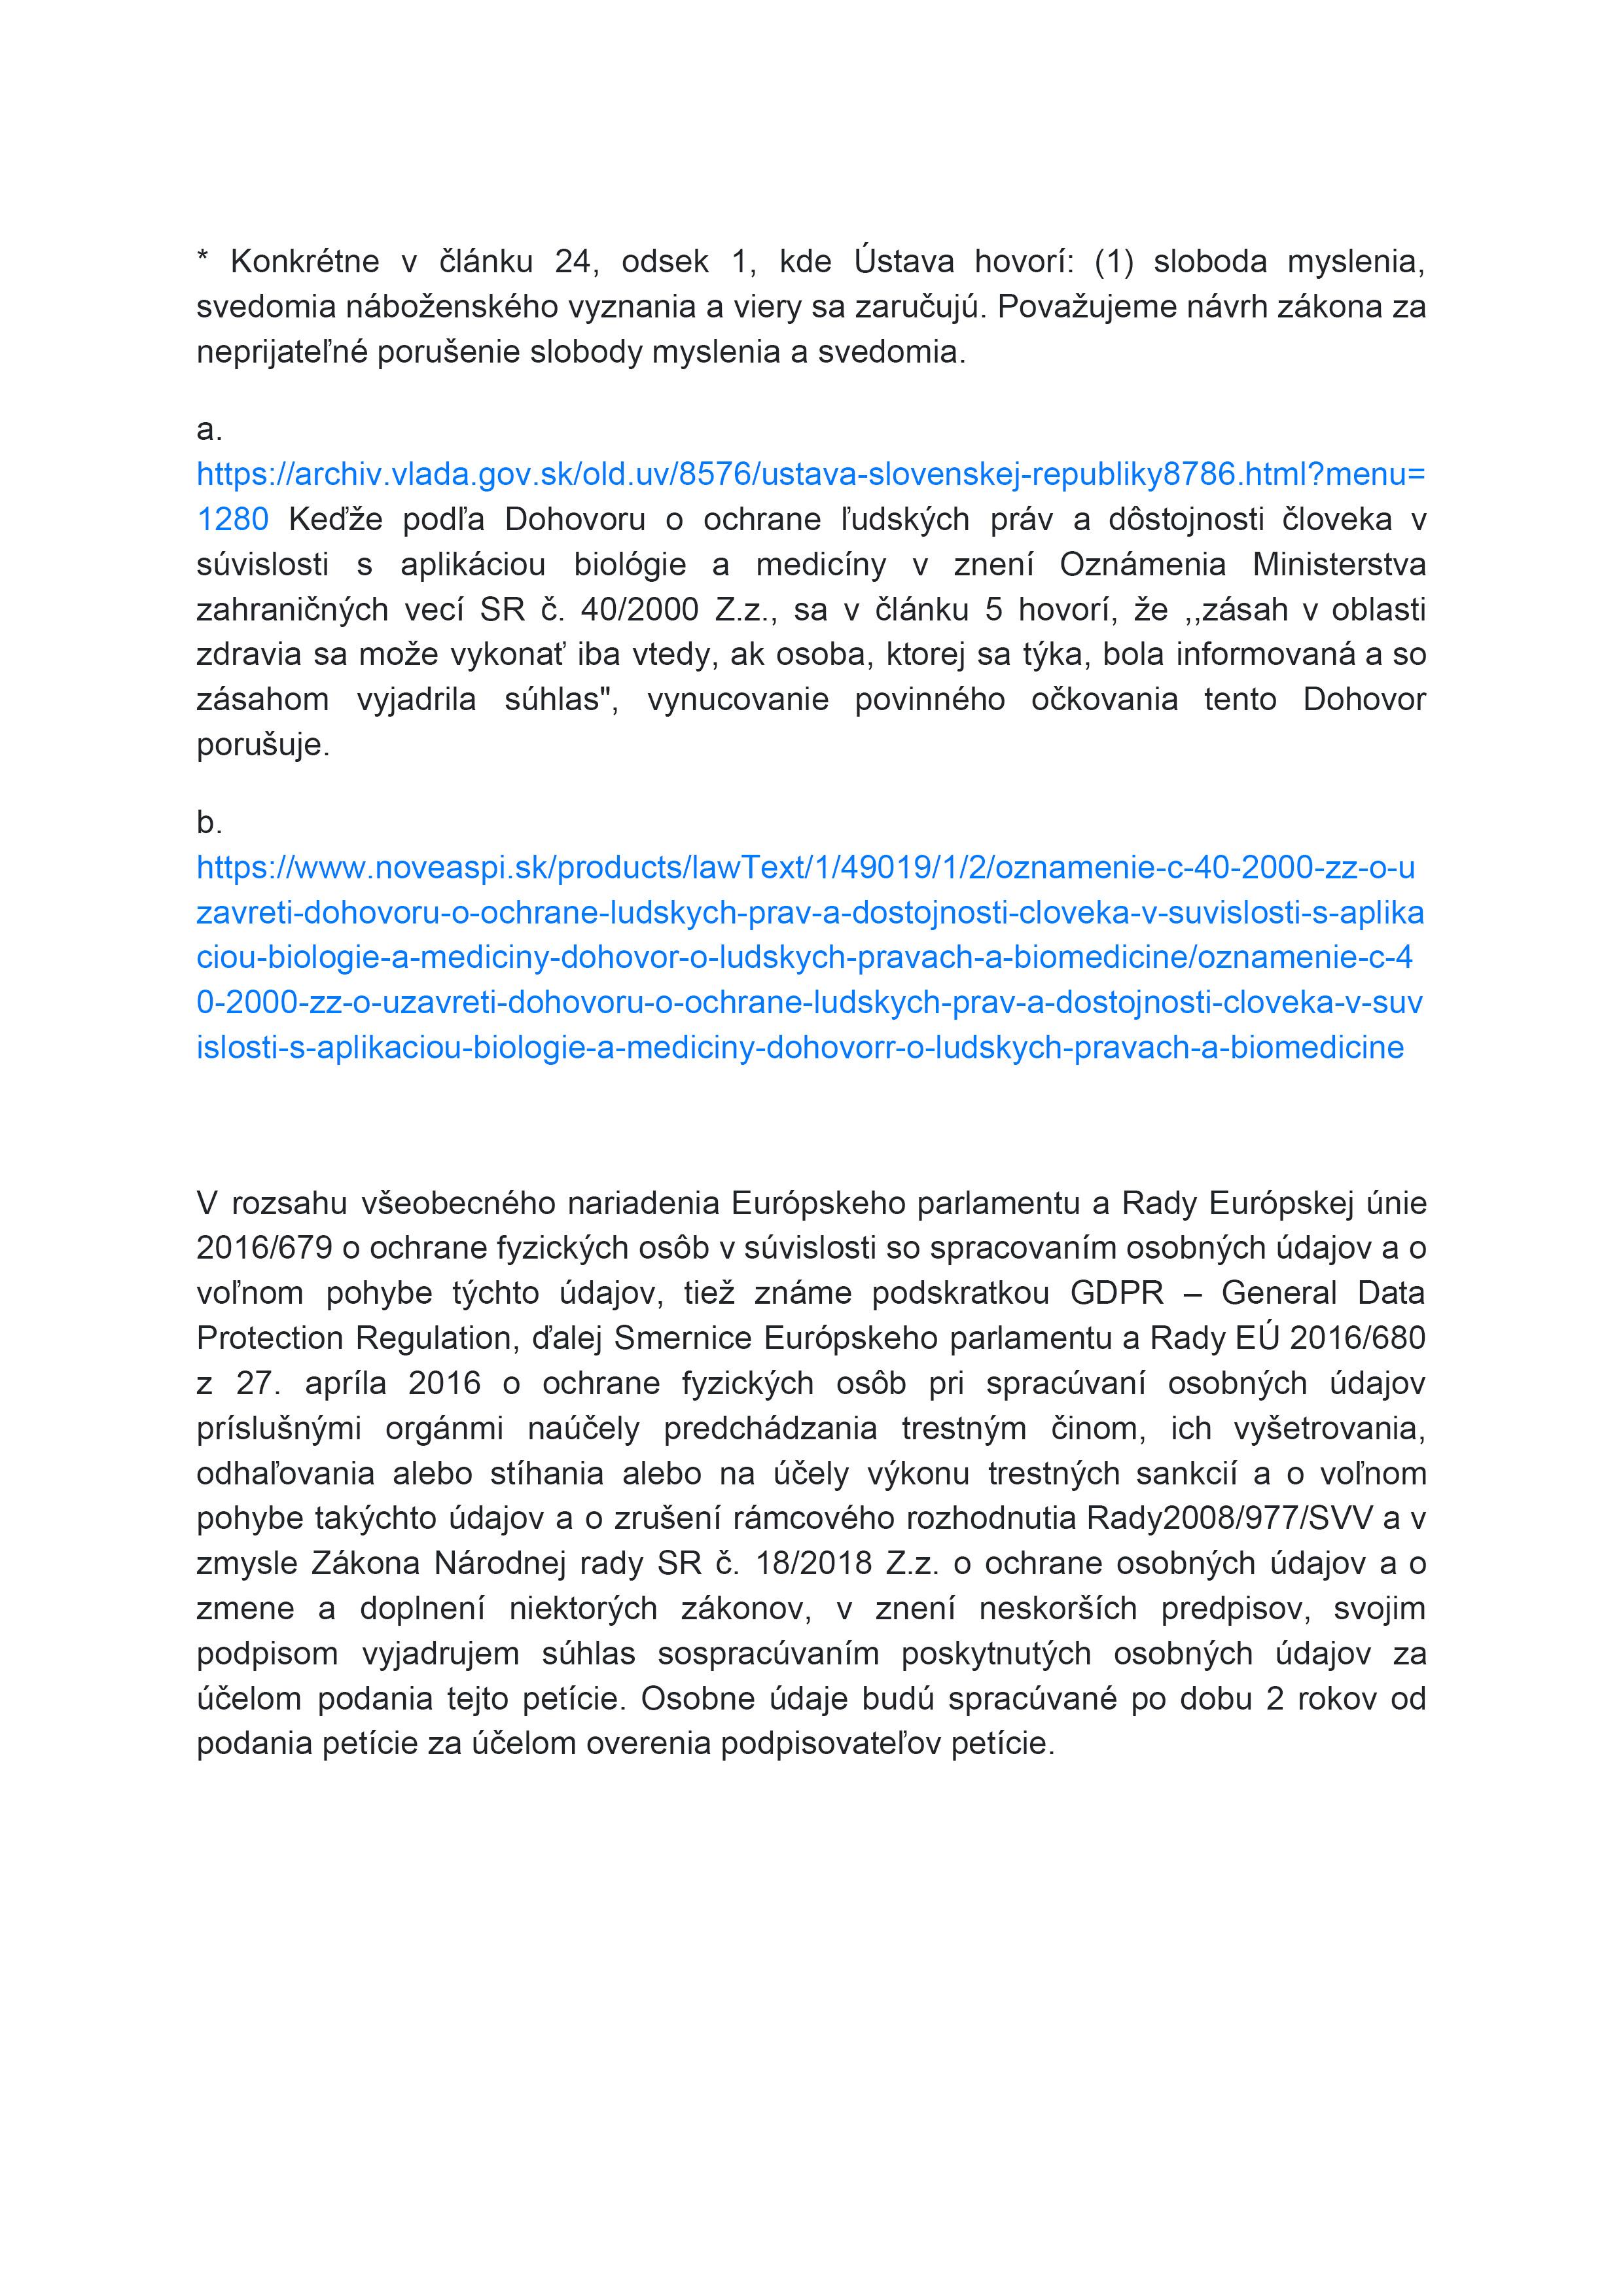 6_PETICNY_HAROK_Peticia_za_dobrovolnost_ockovania_proti_CoViD_19.jpg